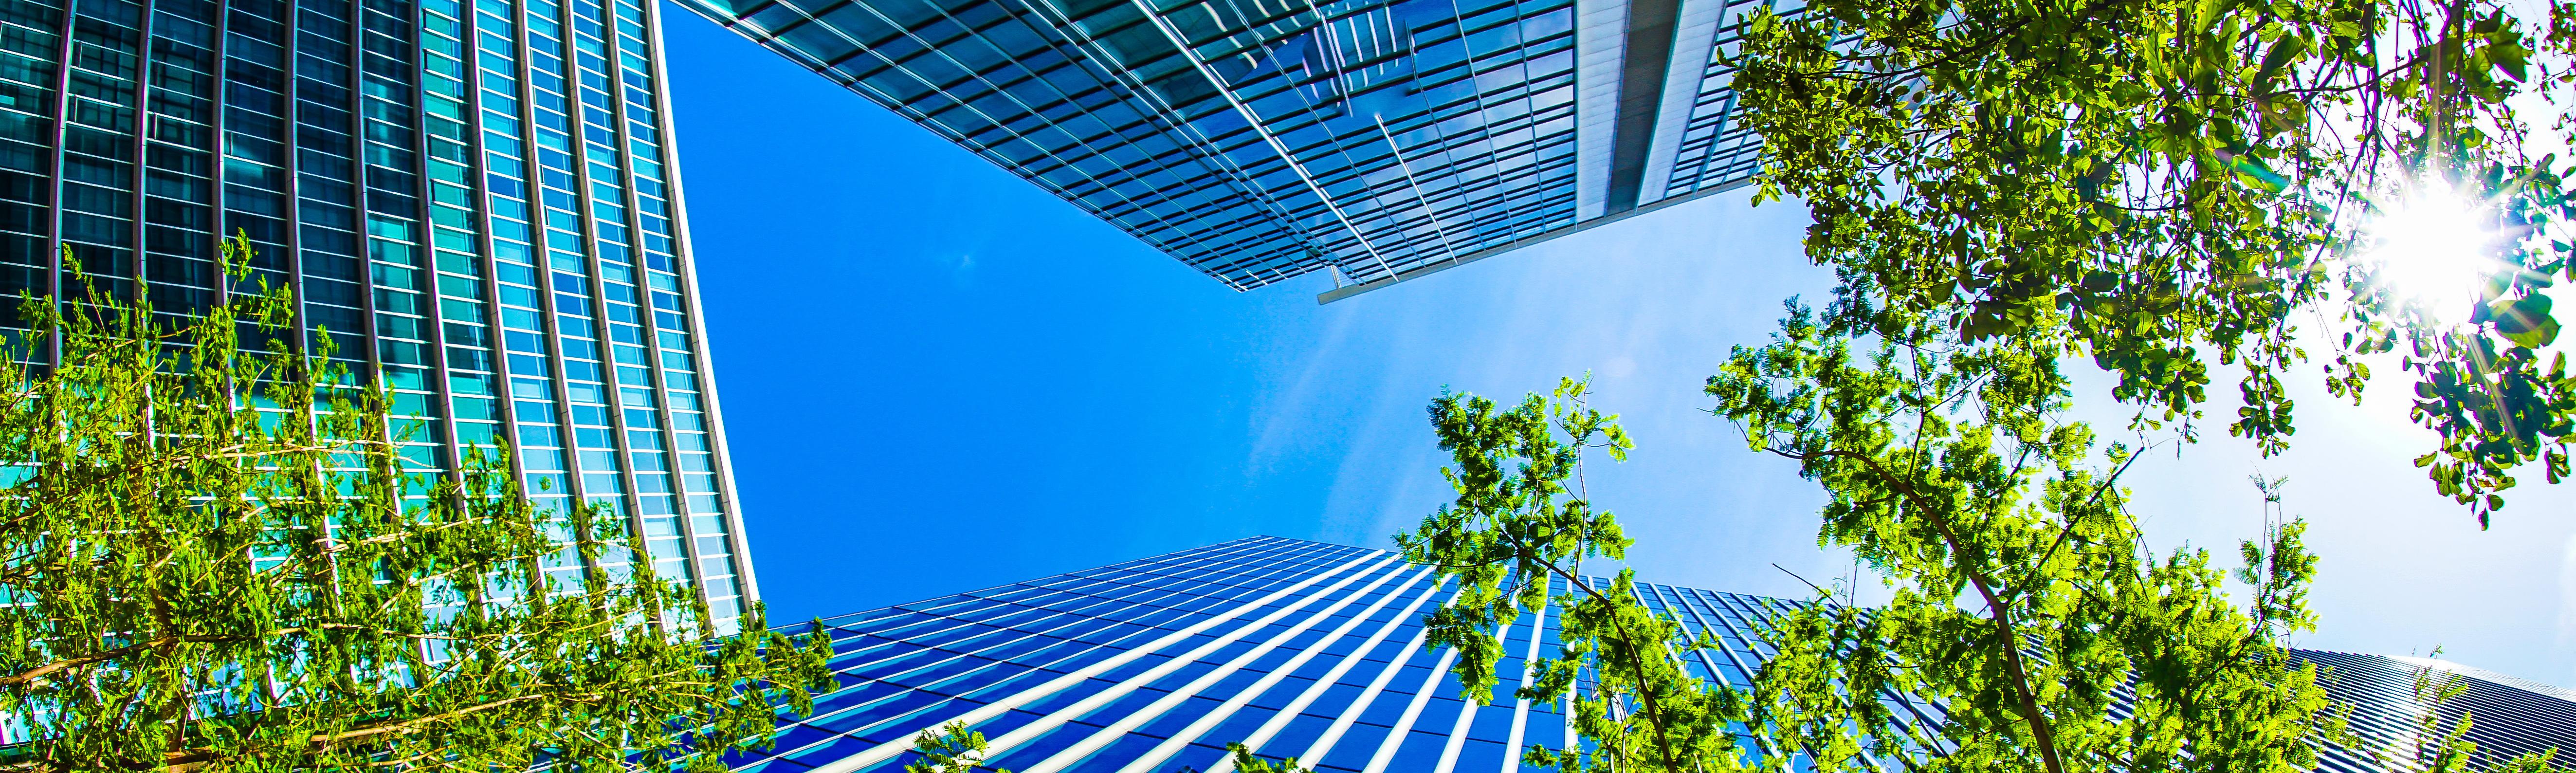 横浜みなとみらいの高層ビル